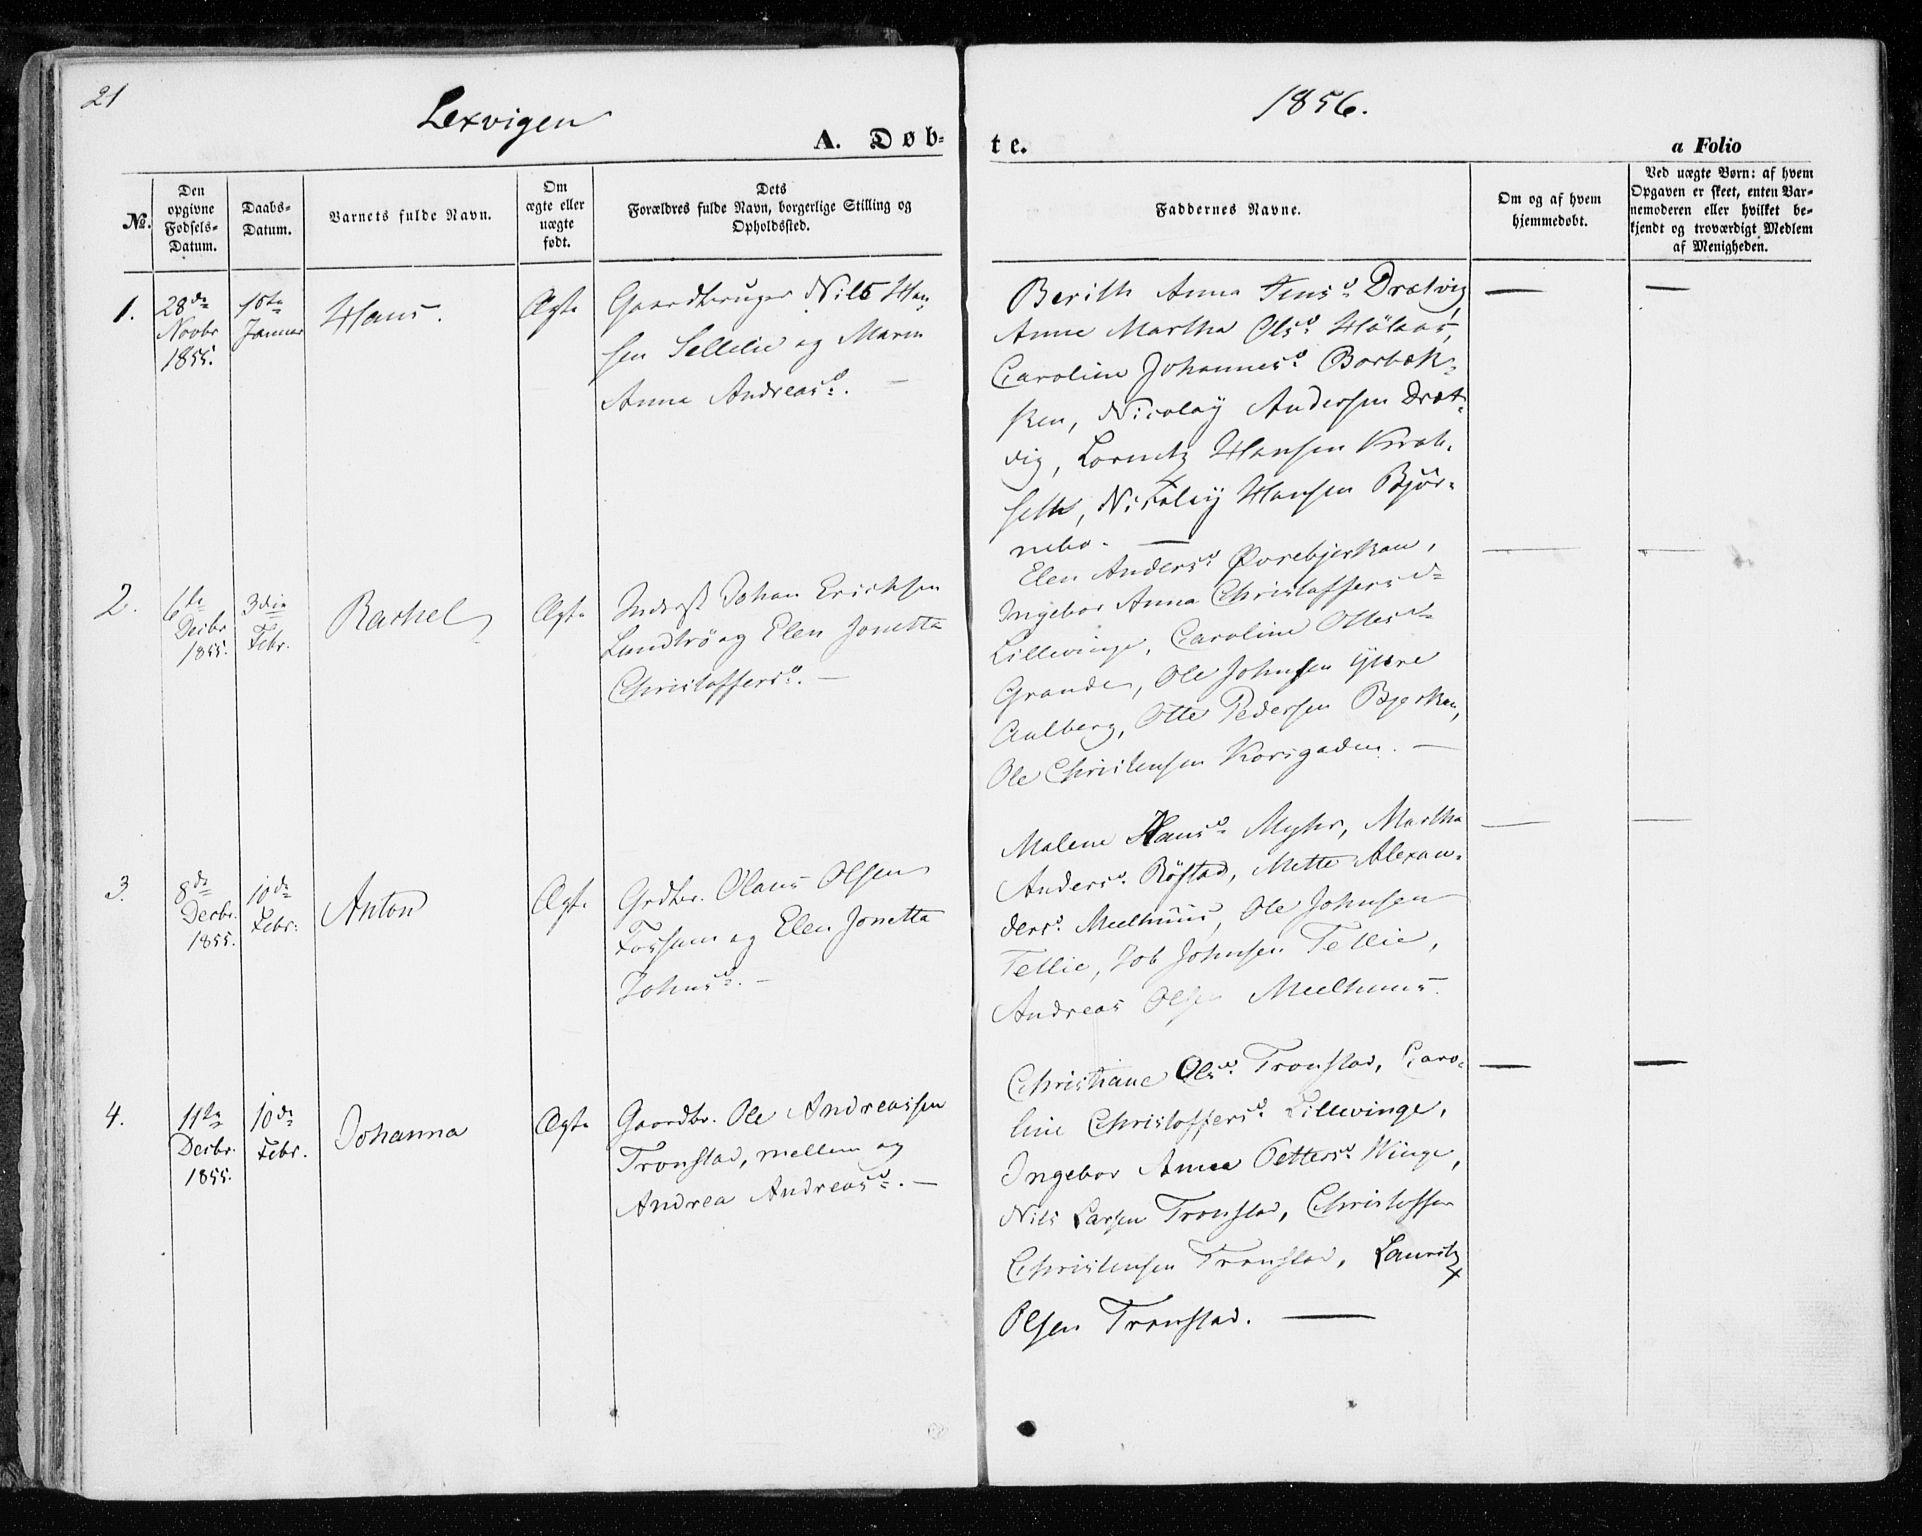 SAT, Ministerialprotokoller, klokkerbøker og fødselsregistre - Nord-Trøndelag, 701/L0008: Ministerialbok nr. 701A08 /1, 1854-1863, s. 21